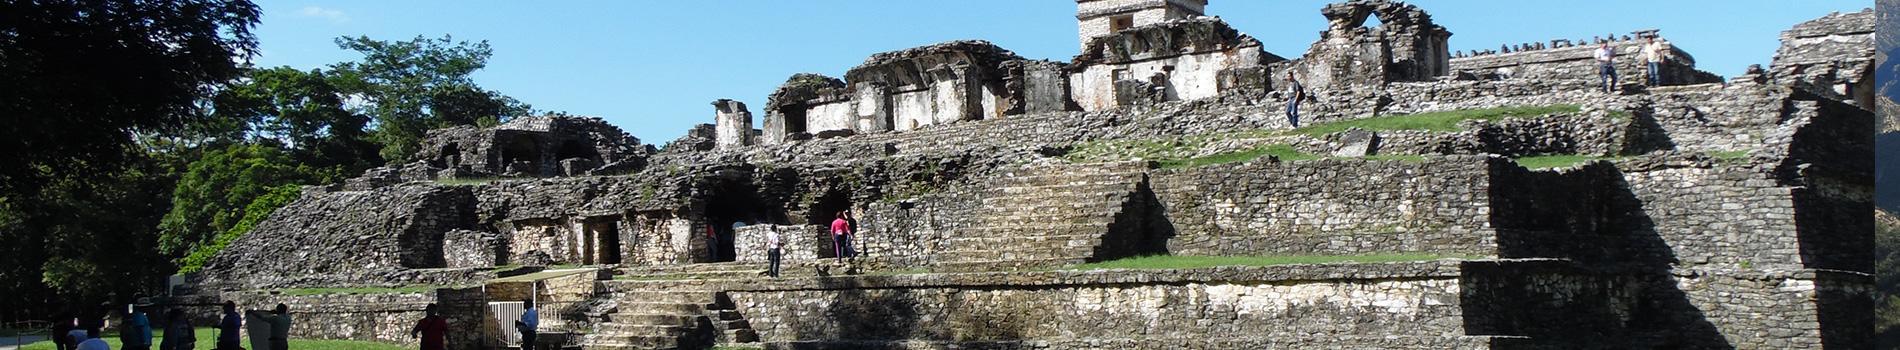 Vive Chiapas